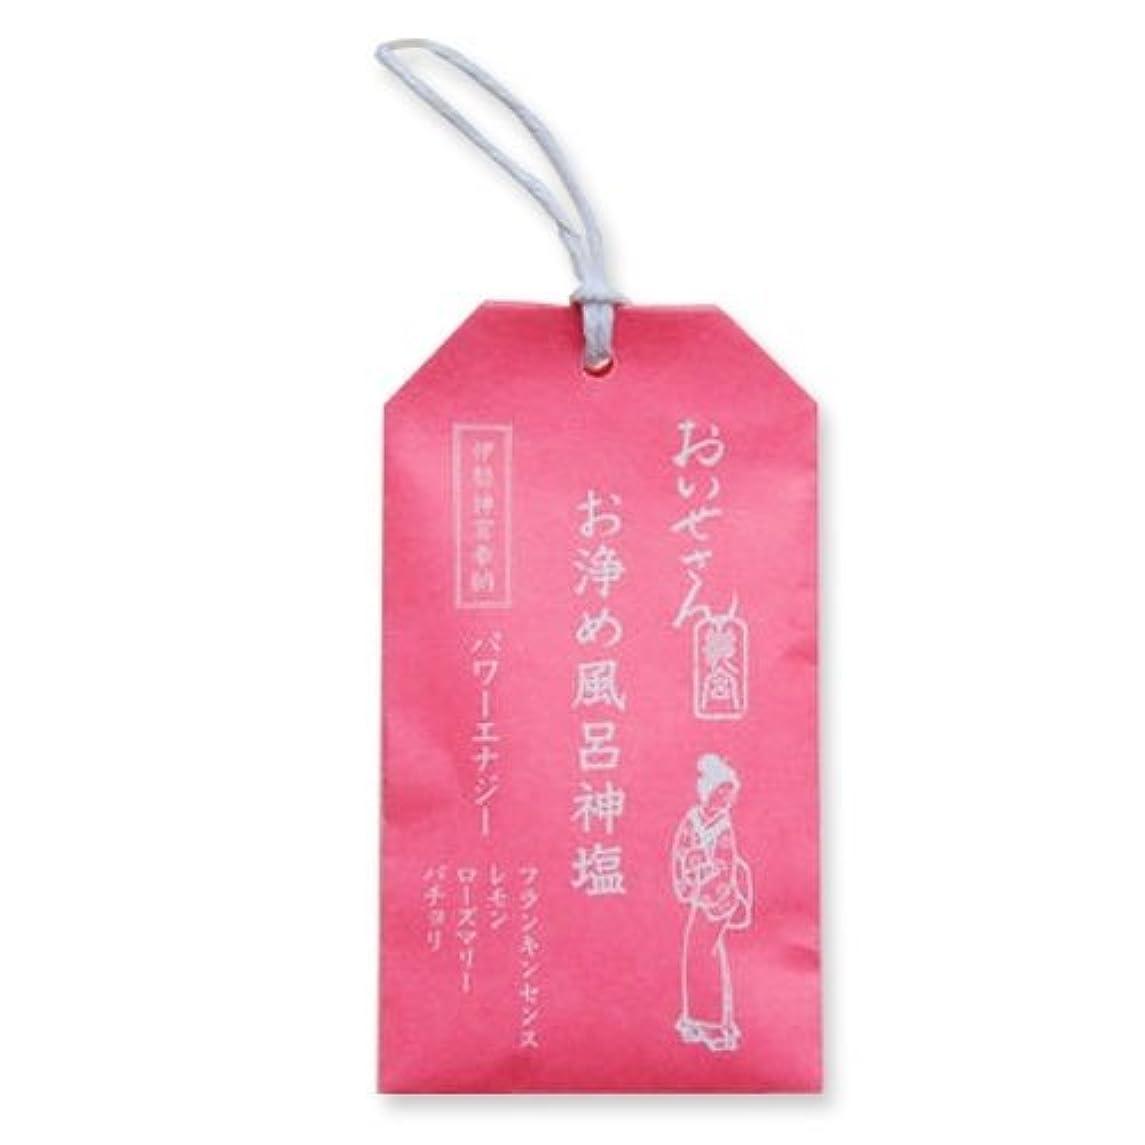 早いスポットキャストおいせさん お浄め風呂神塩 バス用ソルト(パワーエナジー) 20g